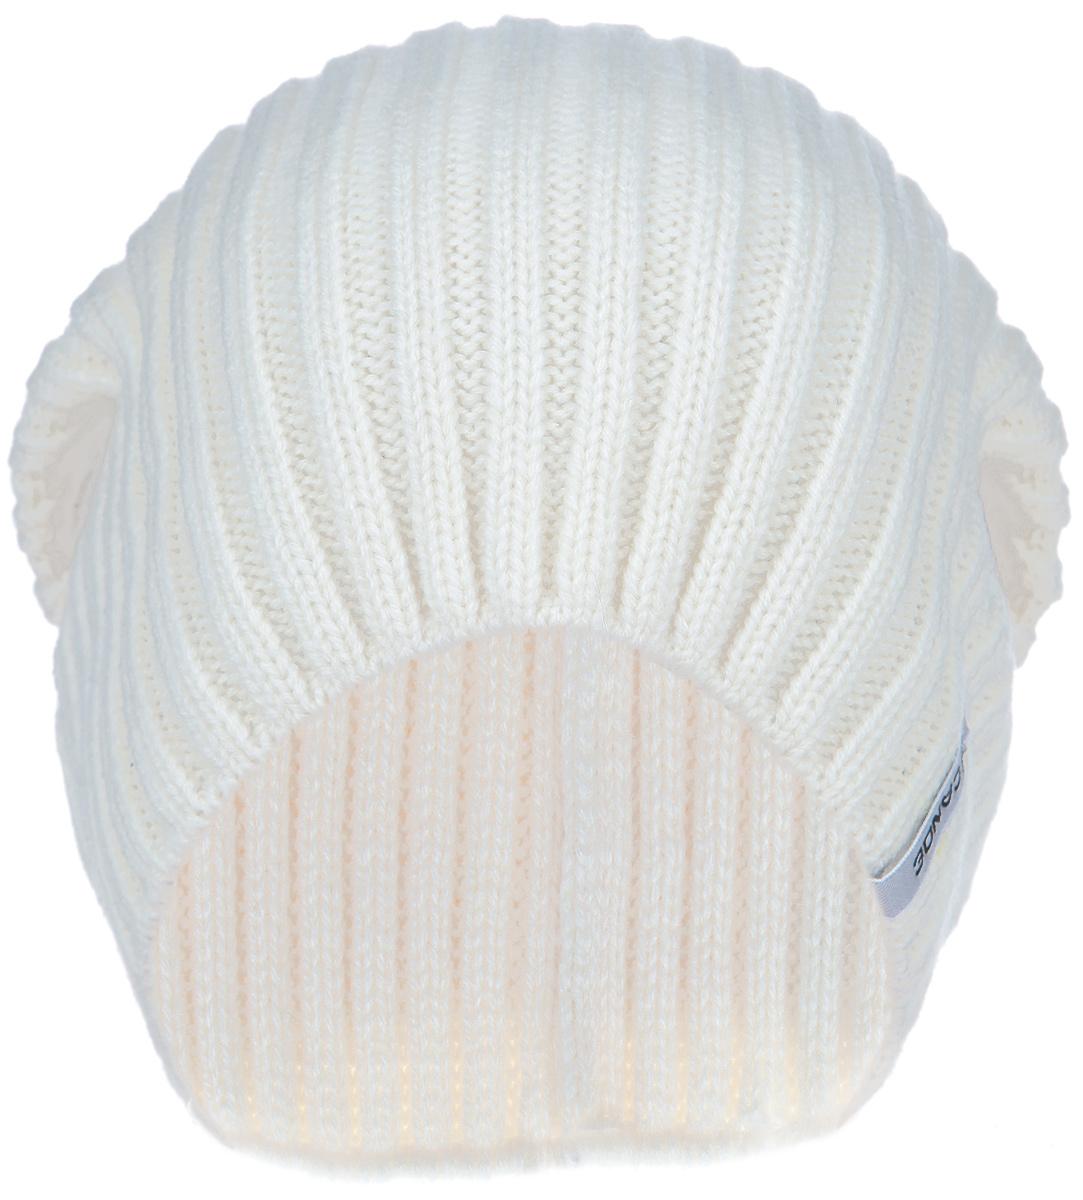 3442081Стильная мужская шапка Canoe Trango отлично дополнит ваш образ в холодную погоду. Сочетание шерсти и акрила максимально сохраняет тепло и обеспечивает удобную посадку. Удлиненная шапка имеет специальную вязку ластиком. Такая модель комфортна и приятна на ощупь, она великолепно подчеркнет ваш вкус. Такая шапка станет отличным дополнением к вашему осеннему или зимнему гардеробу, в ней вам будет уютно и тепло!